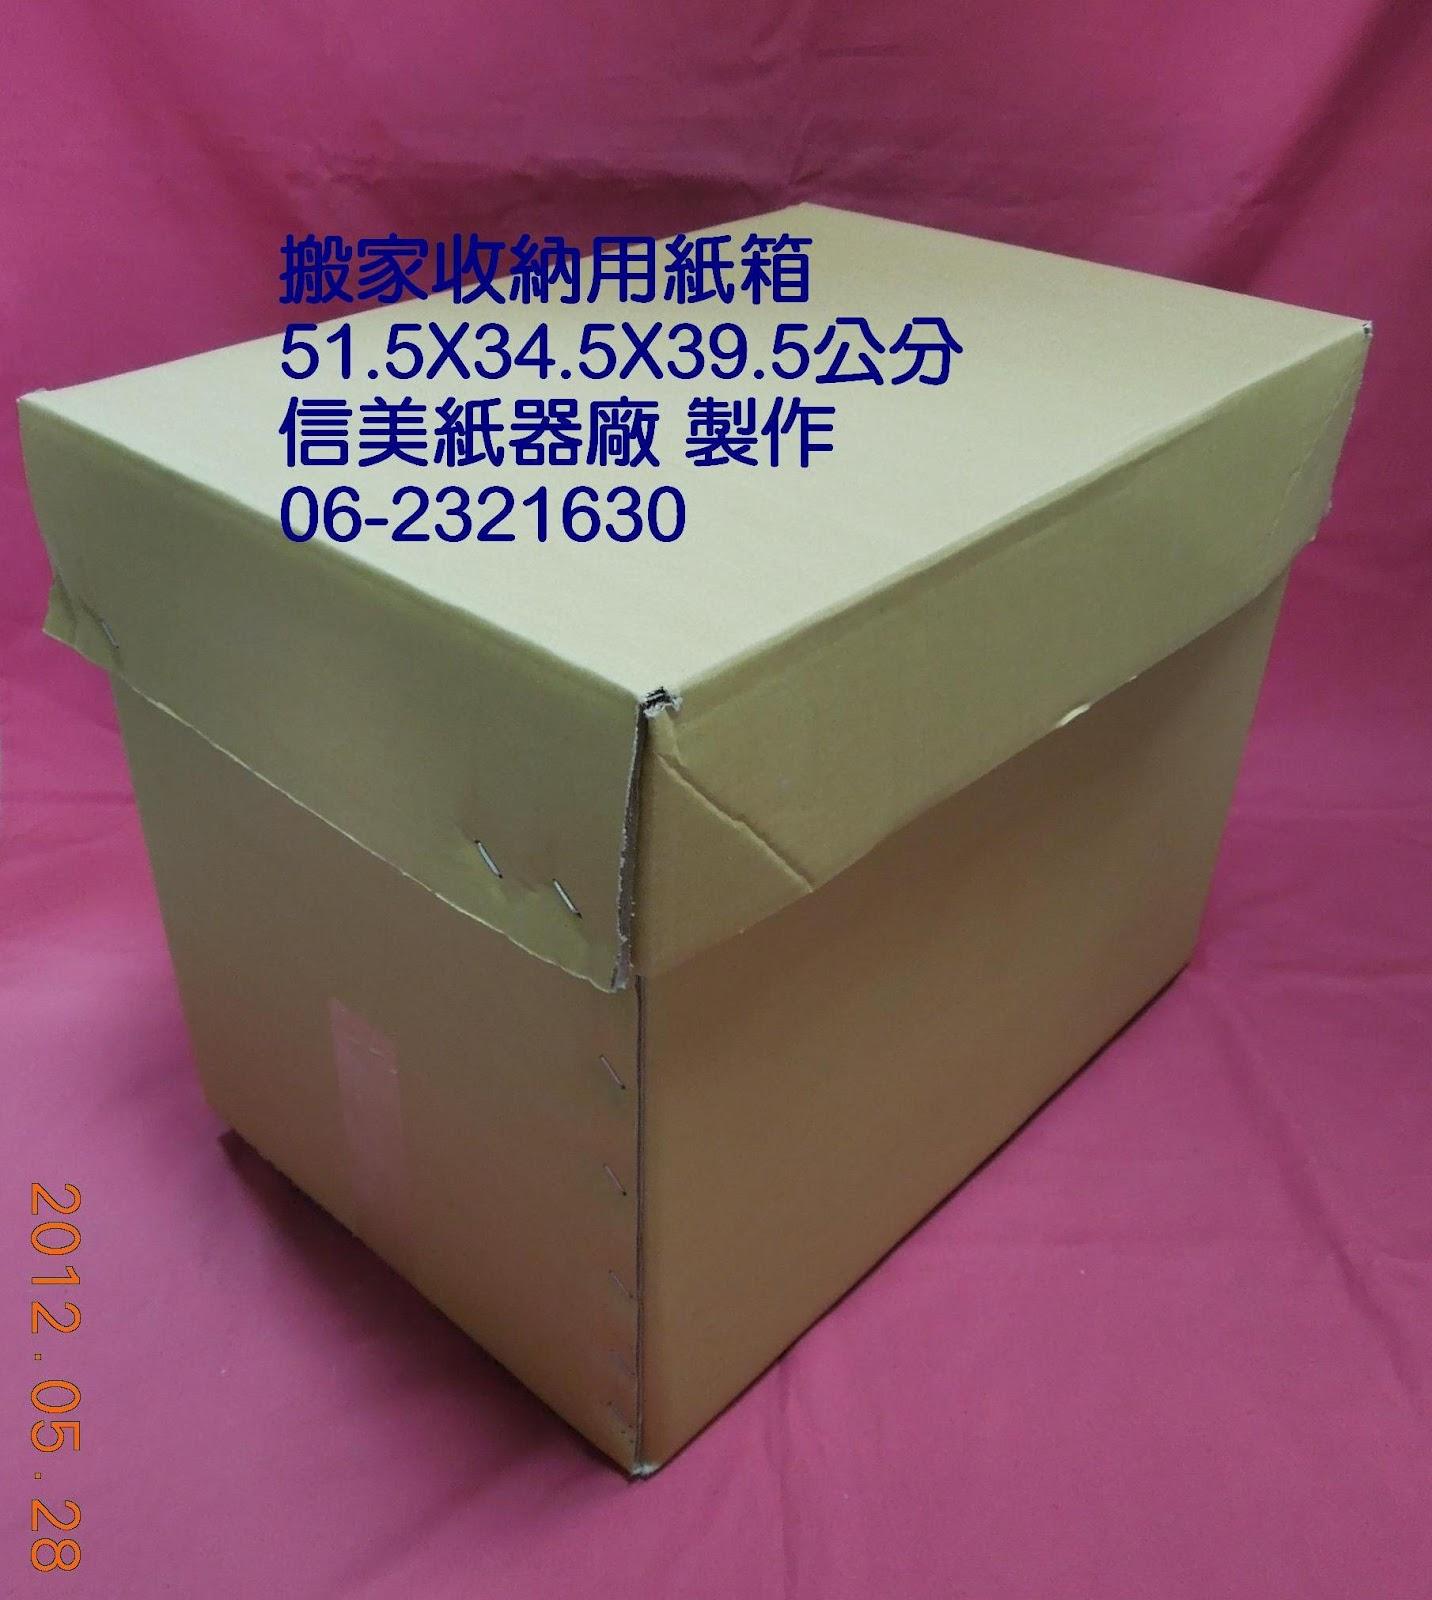 臺南市 紙箱工廠 信美紙器廠: 搬家 收納用紙箱